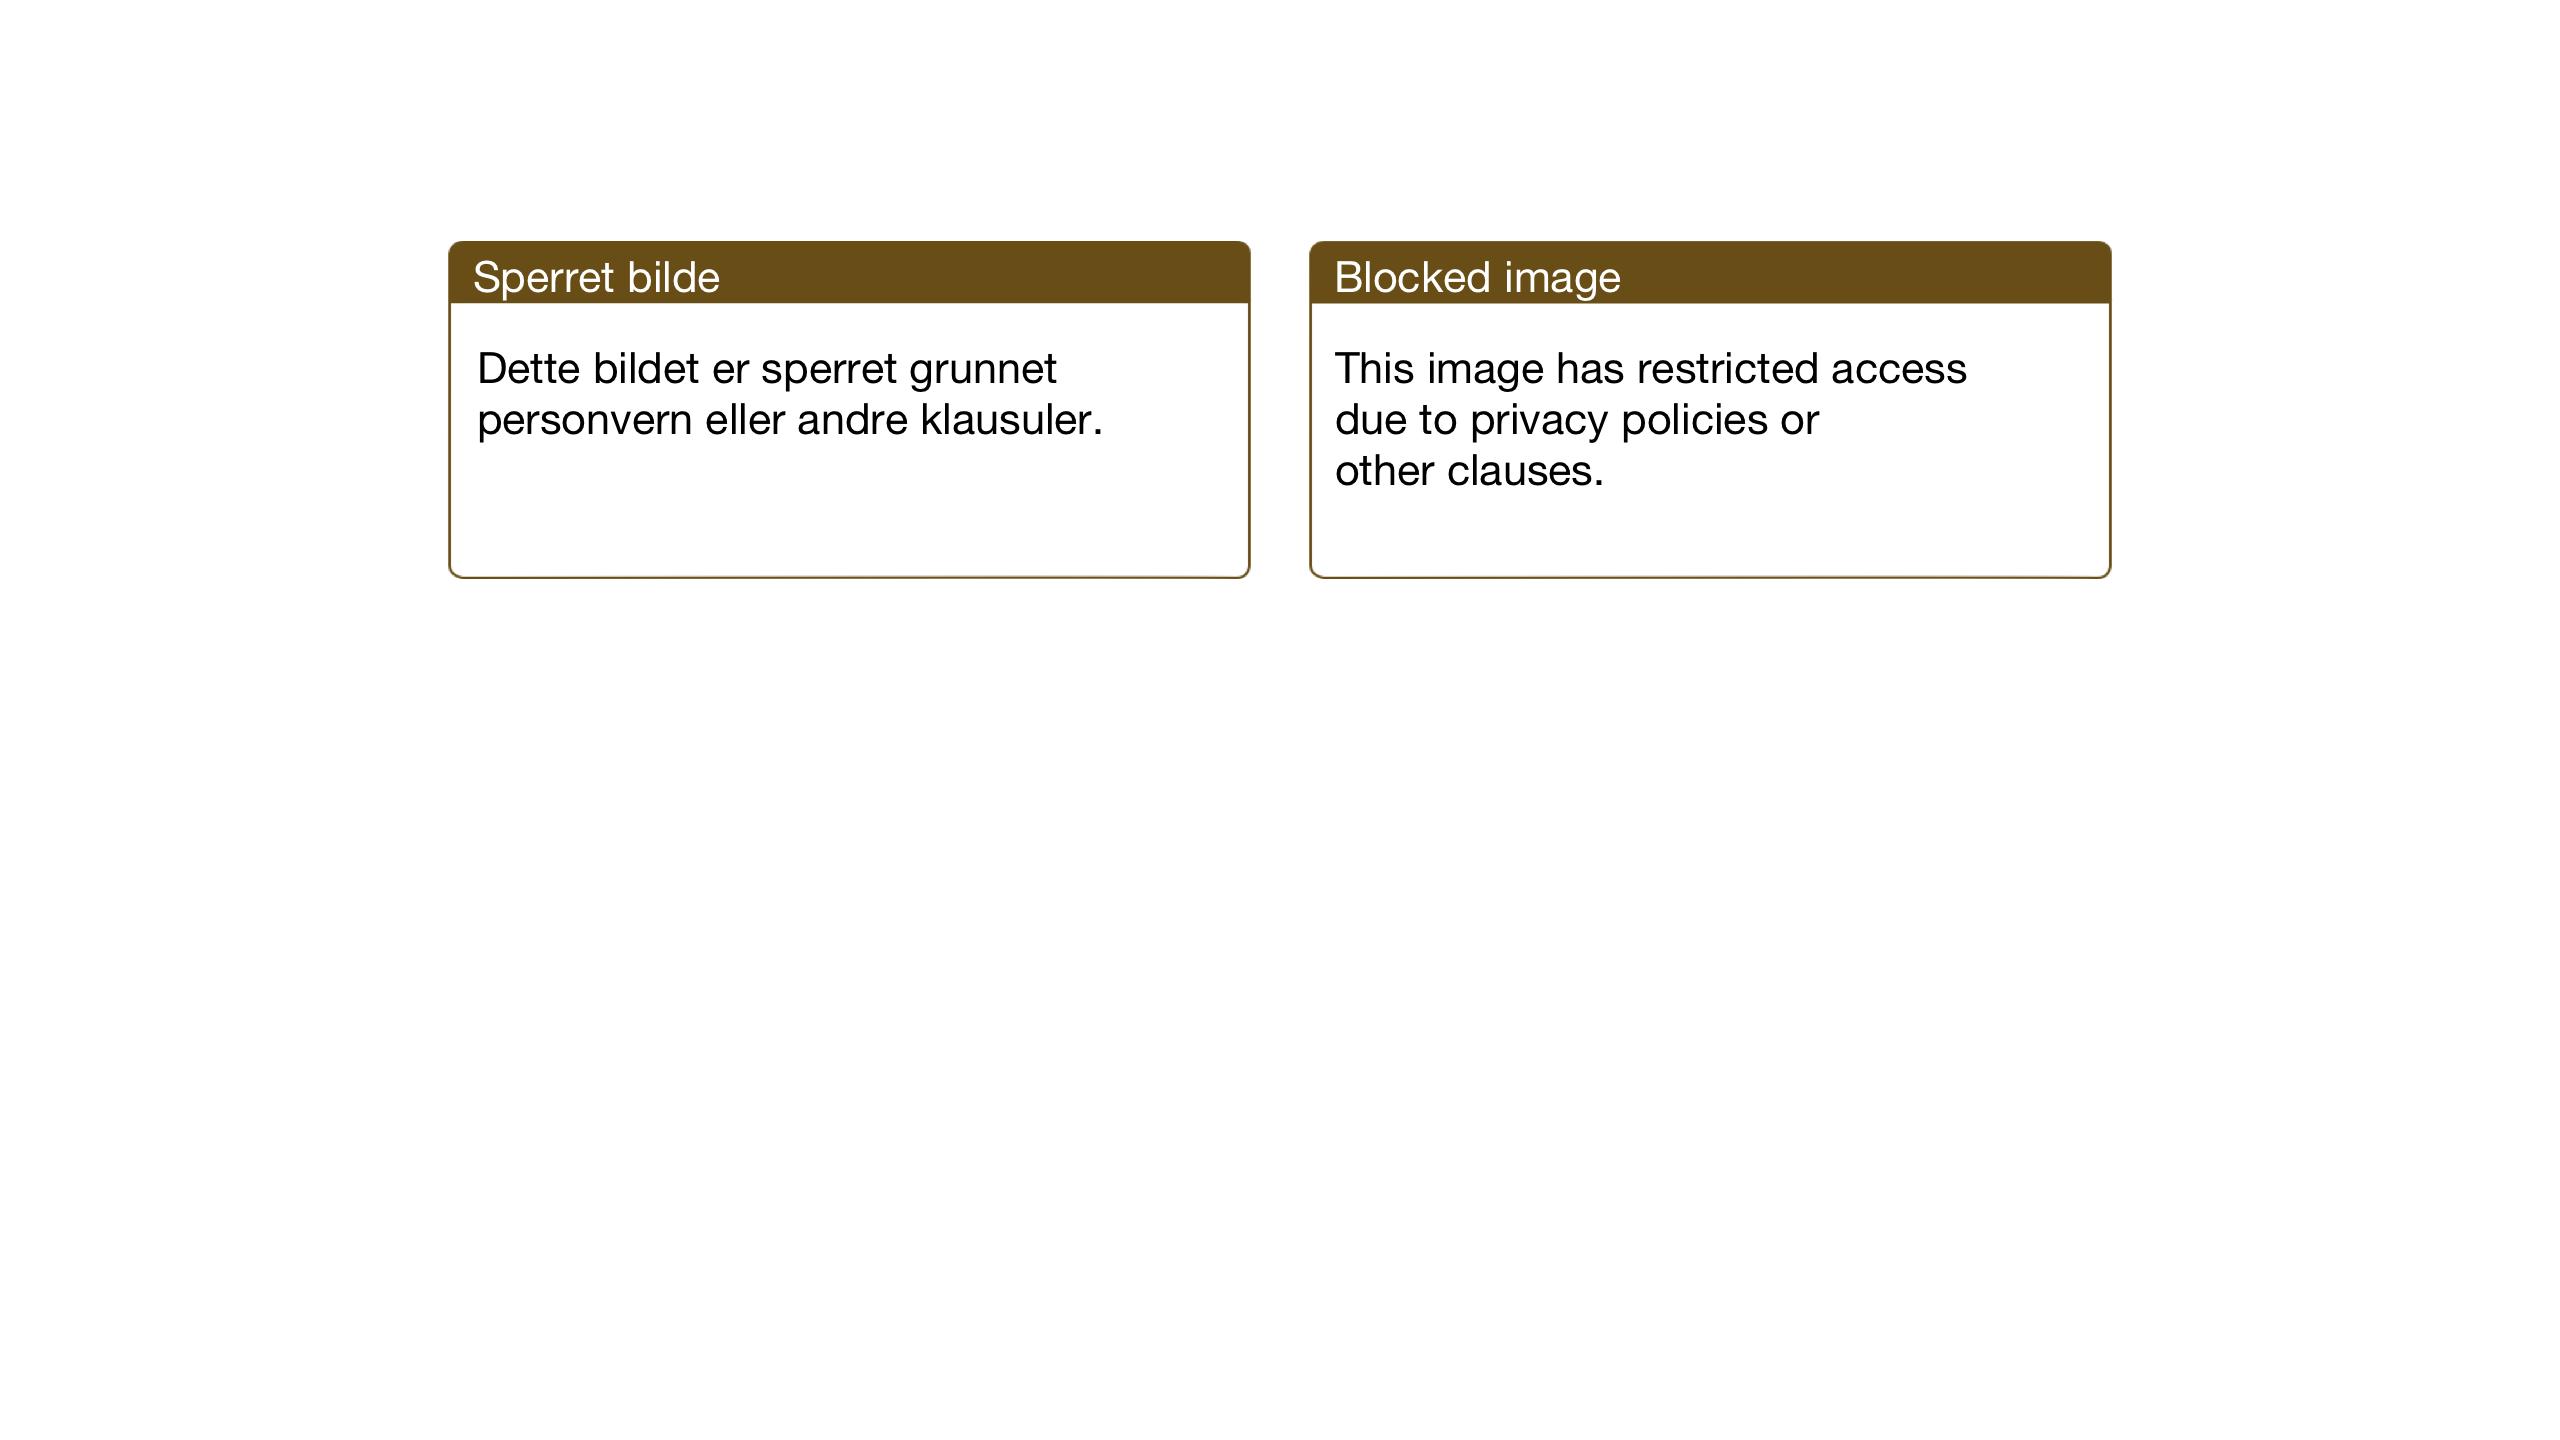 SAT, Ministerialprotokoller, klokkerbøker og fødselsregistre - Nord-Trøndelag, 733/L0328: Klokkerbok nr. 733C03, 1919-1966, s. 22